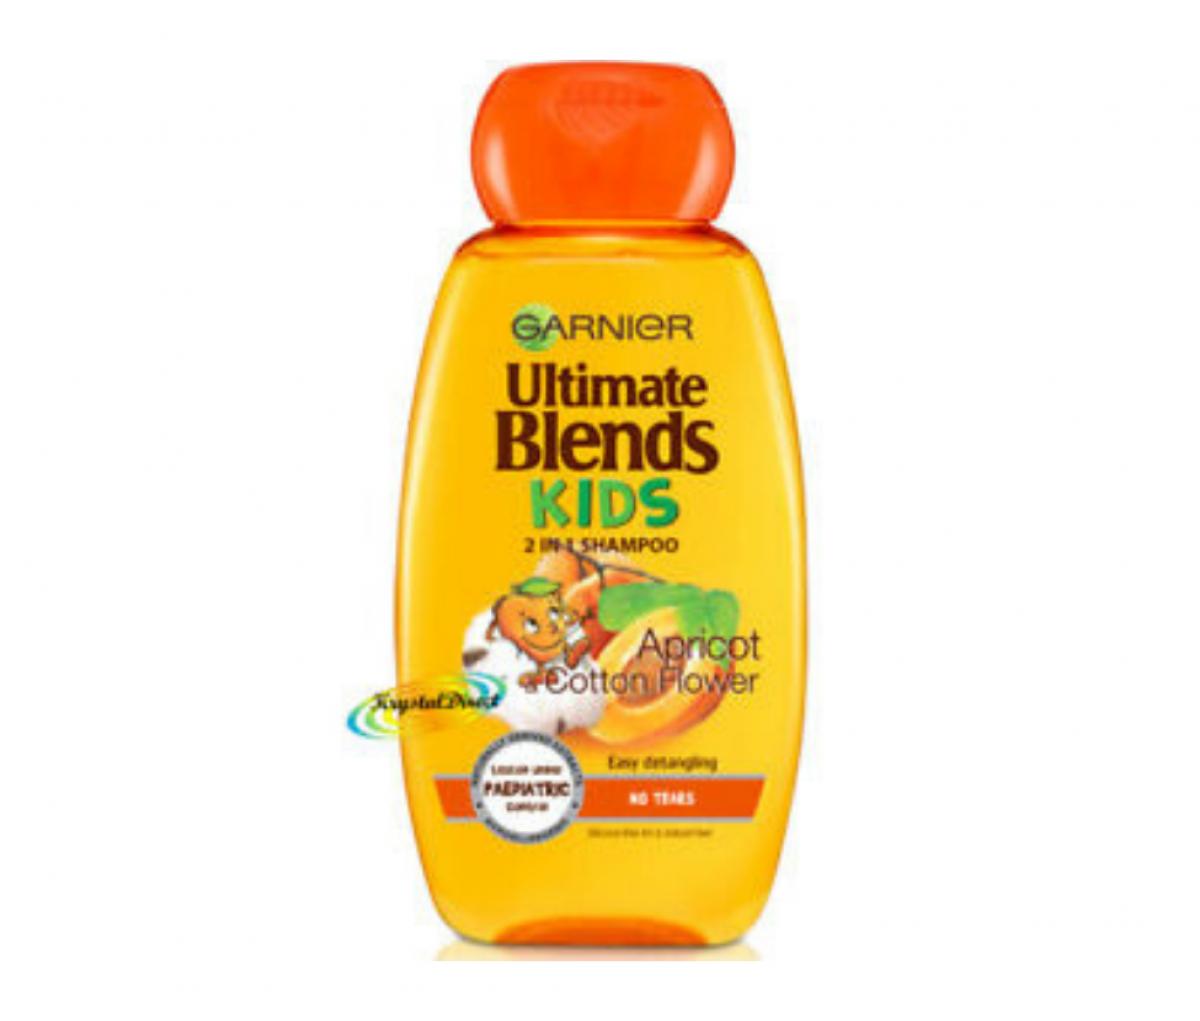 Garnier 250ml Blends Kids Apricot & Cotton Flower Shampoo